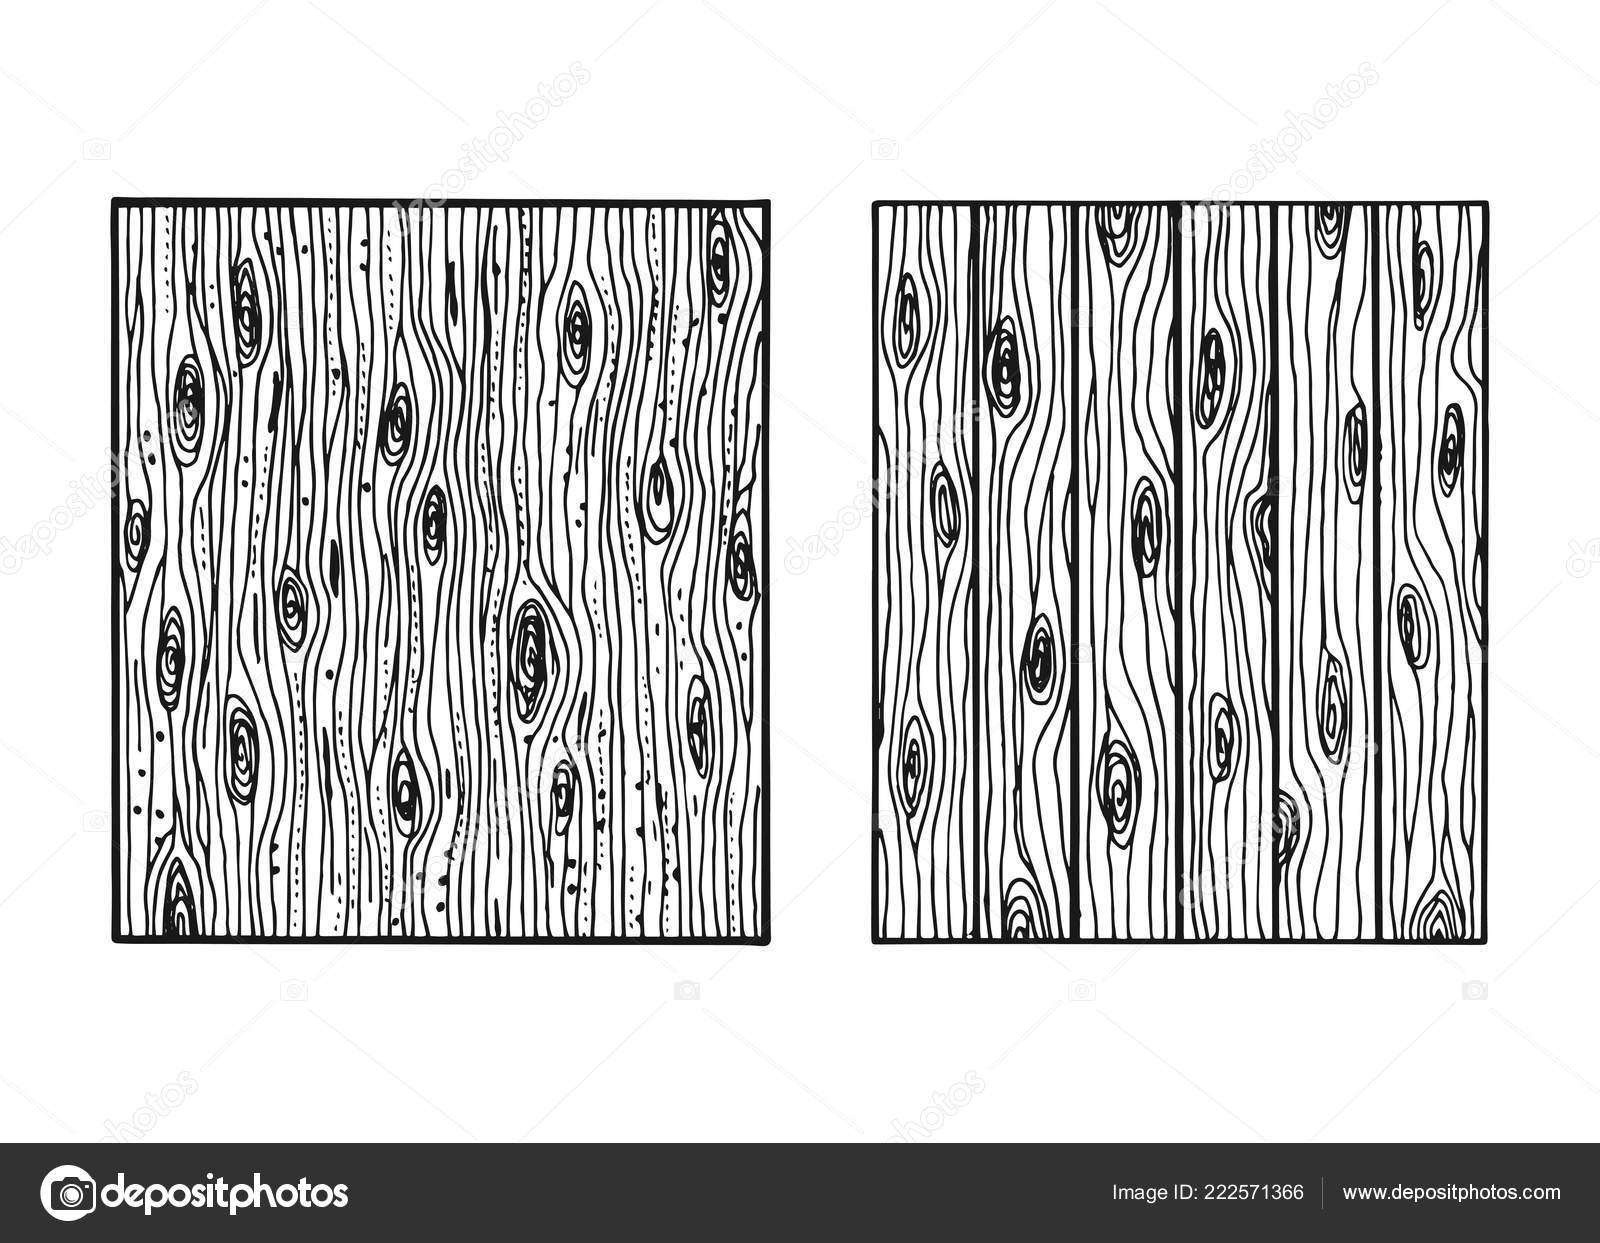 Texture Bois Isolé Main Dessin Panneaux Clôture Image Vectorielle